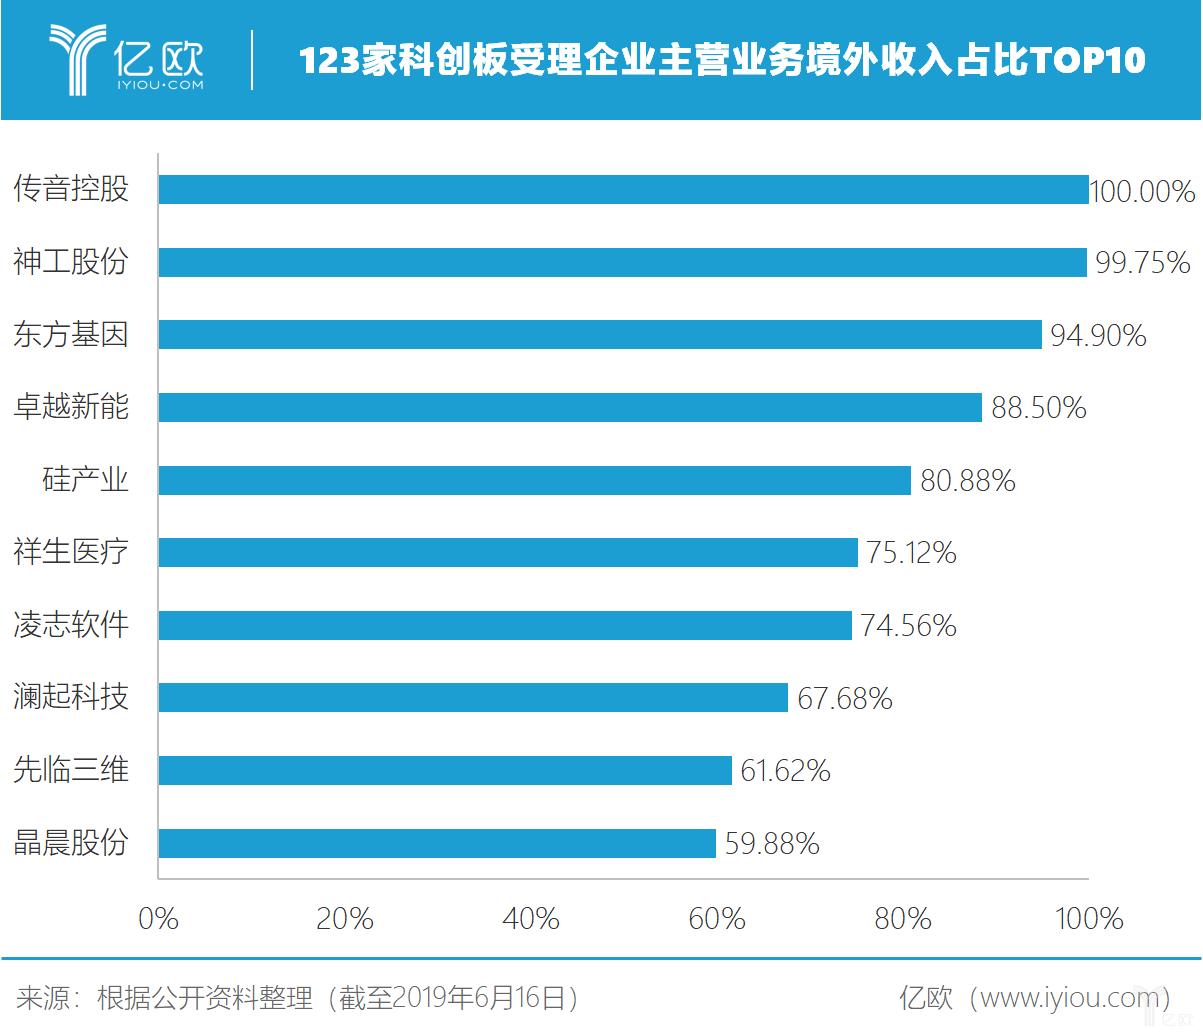 123家科創板受理企業主營業務境外收入占比TOP10